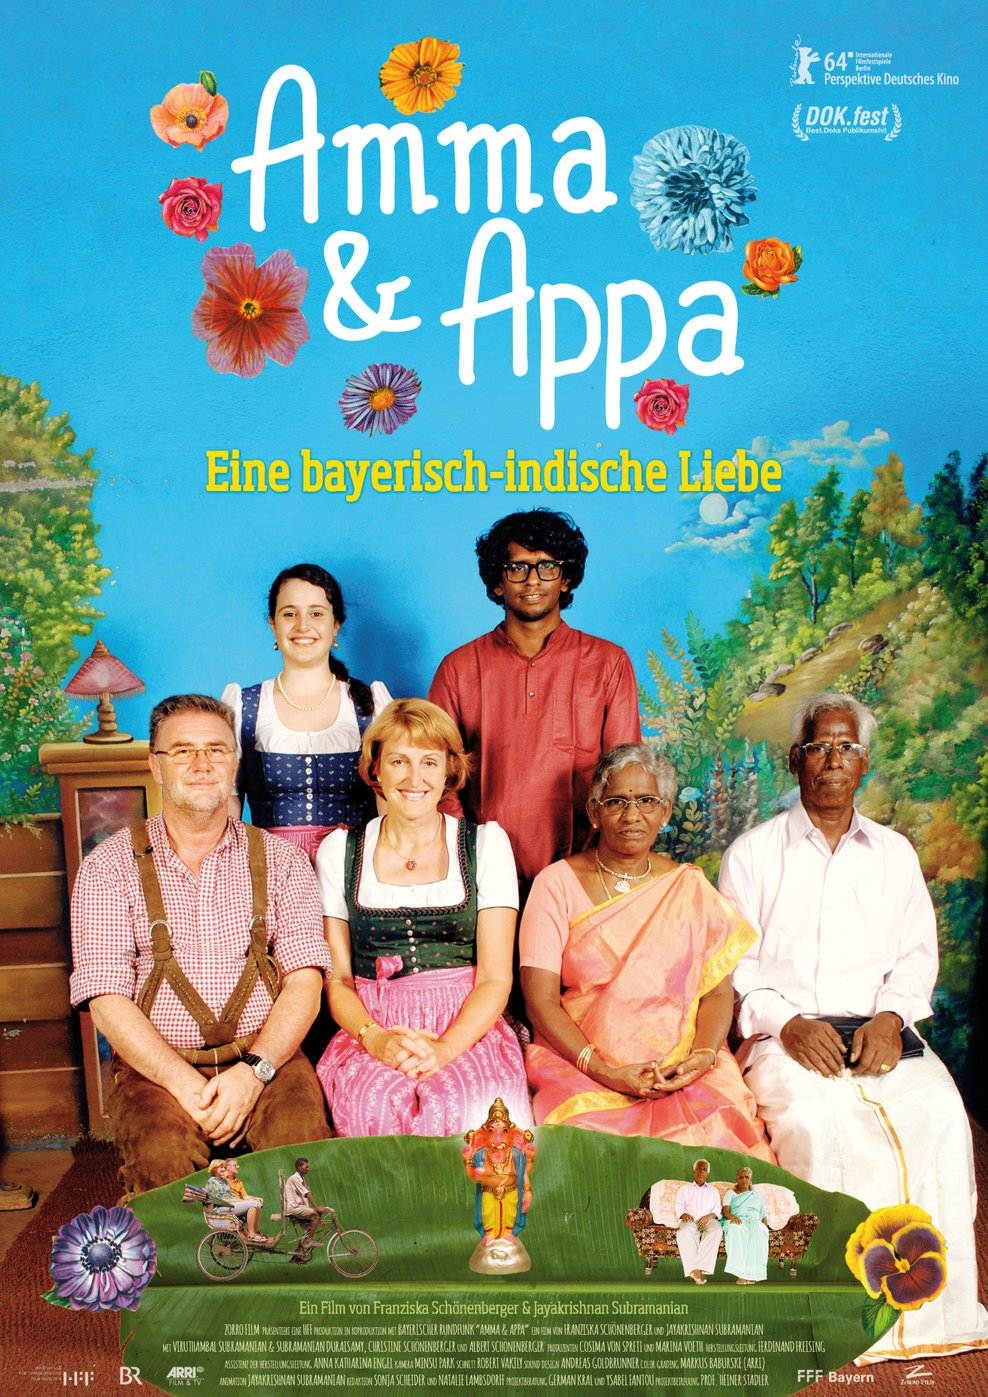 Amma & Appa - Eine bayerisch-indische Liebe (Poster)